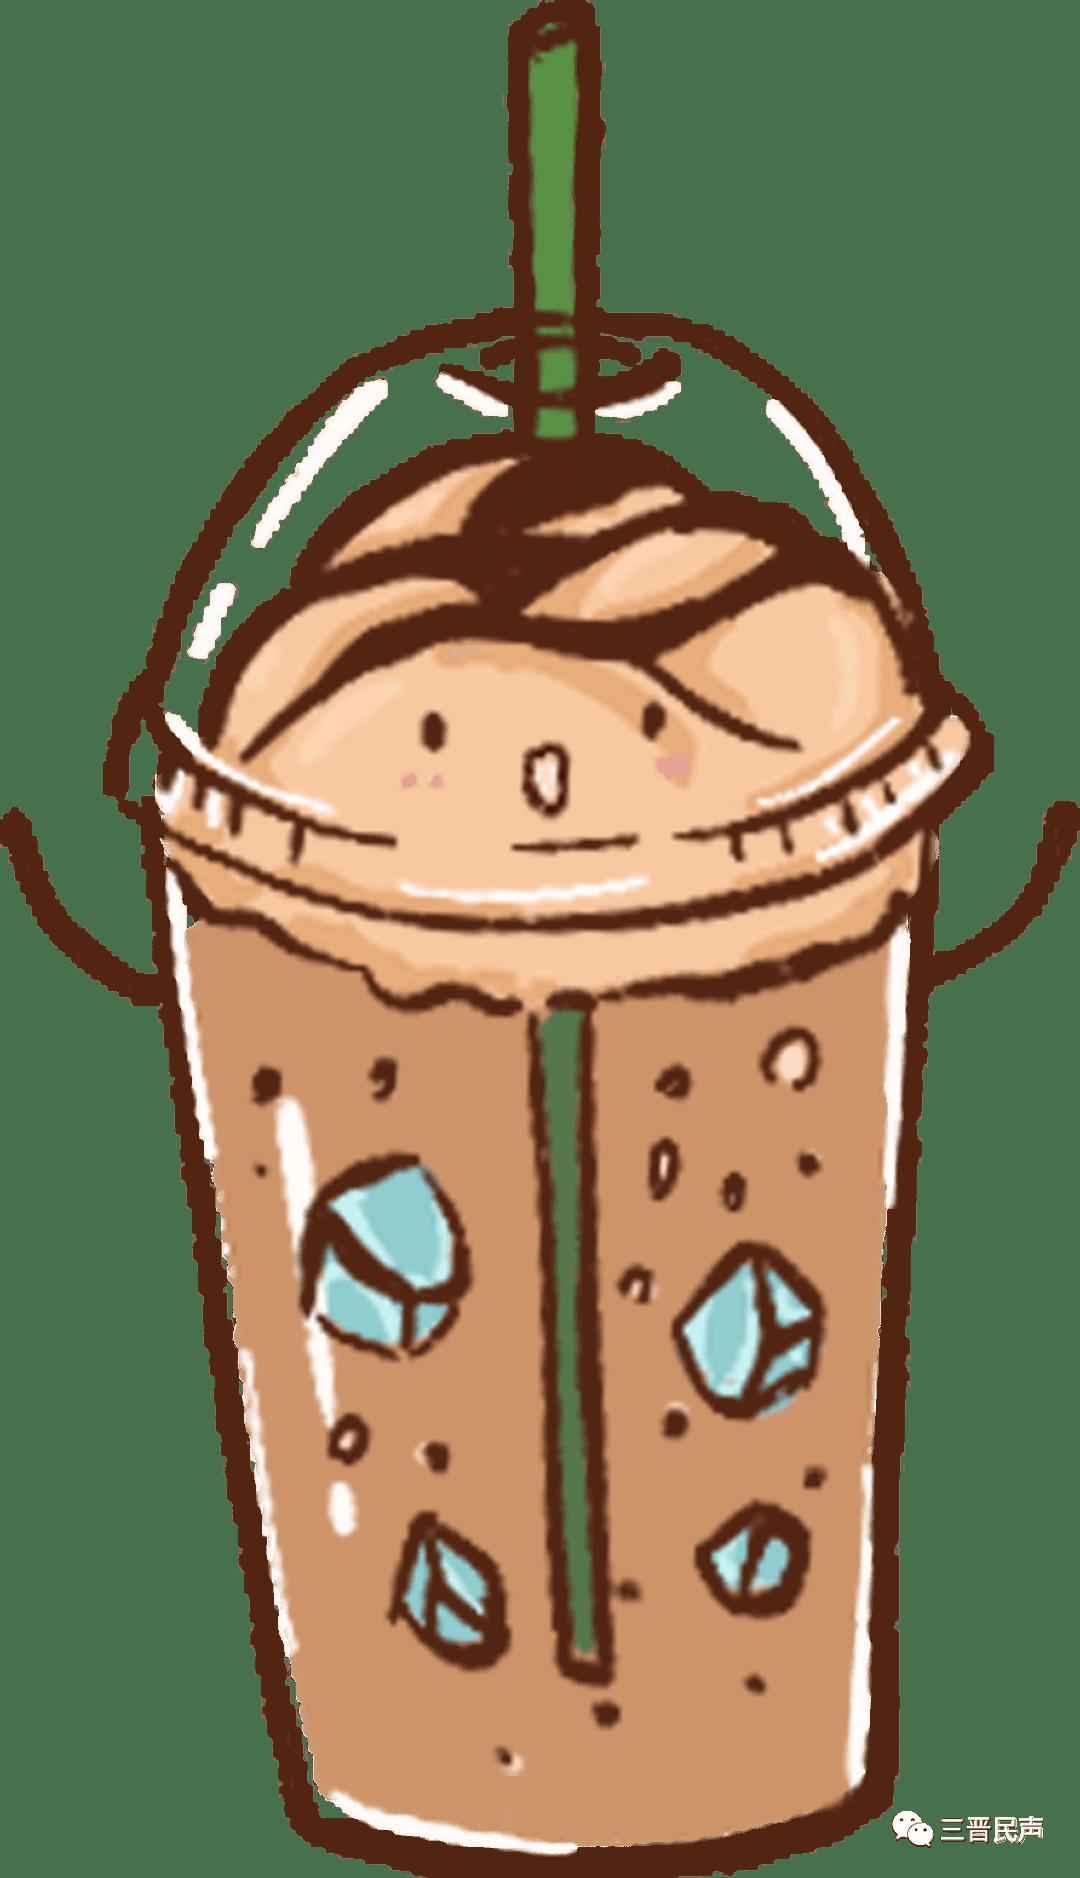 秋天的第一杯奶茶是什么梗? 秋天的第一杯奶茶具体什么意思?